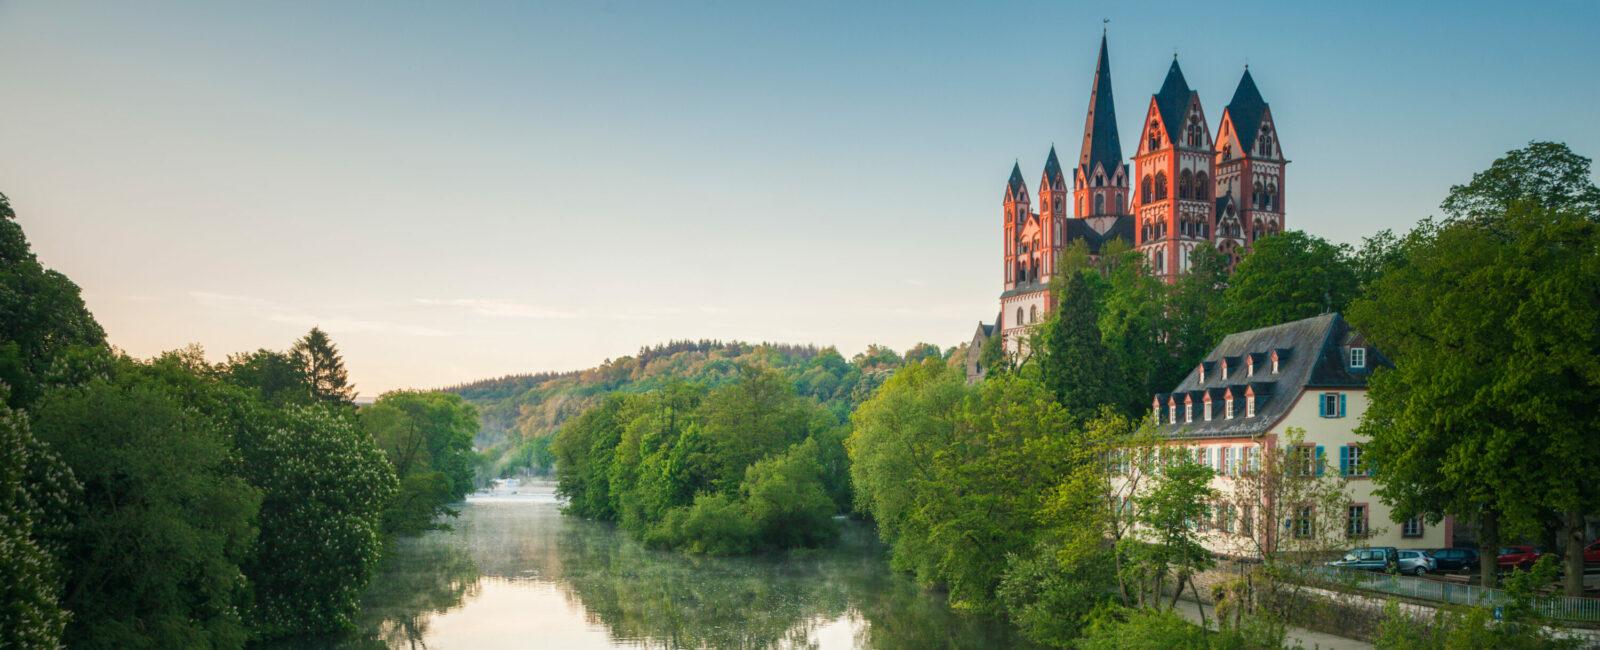 Die Arbeitsvertragsordnung (AVO) für das Bistum Limburg